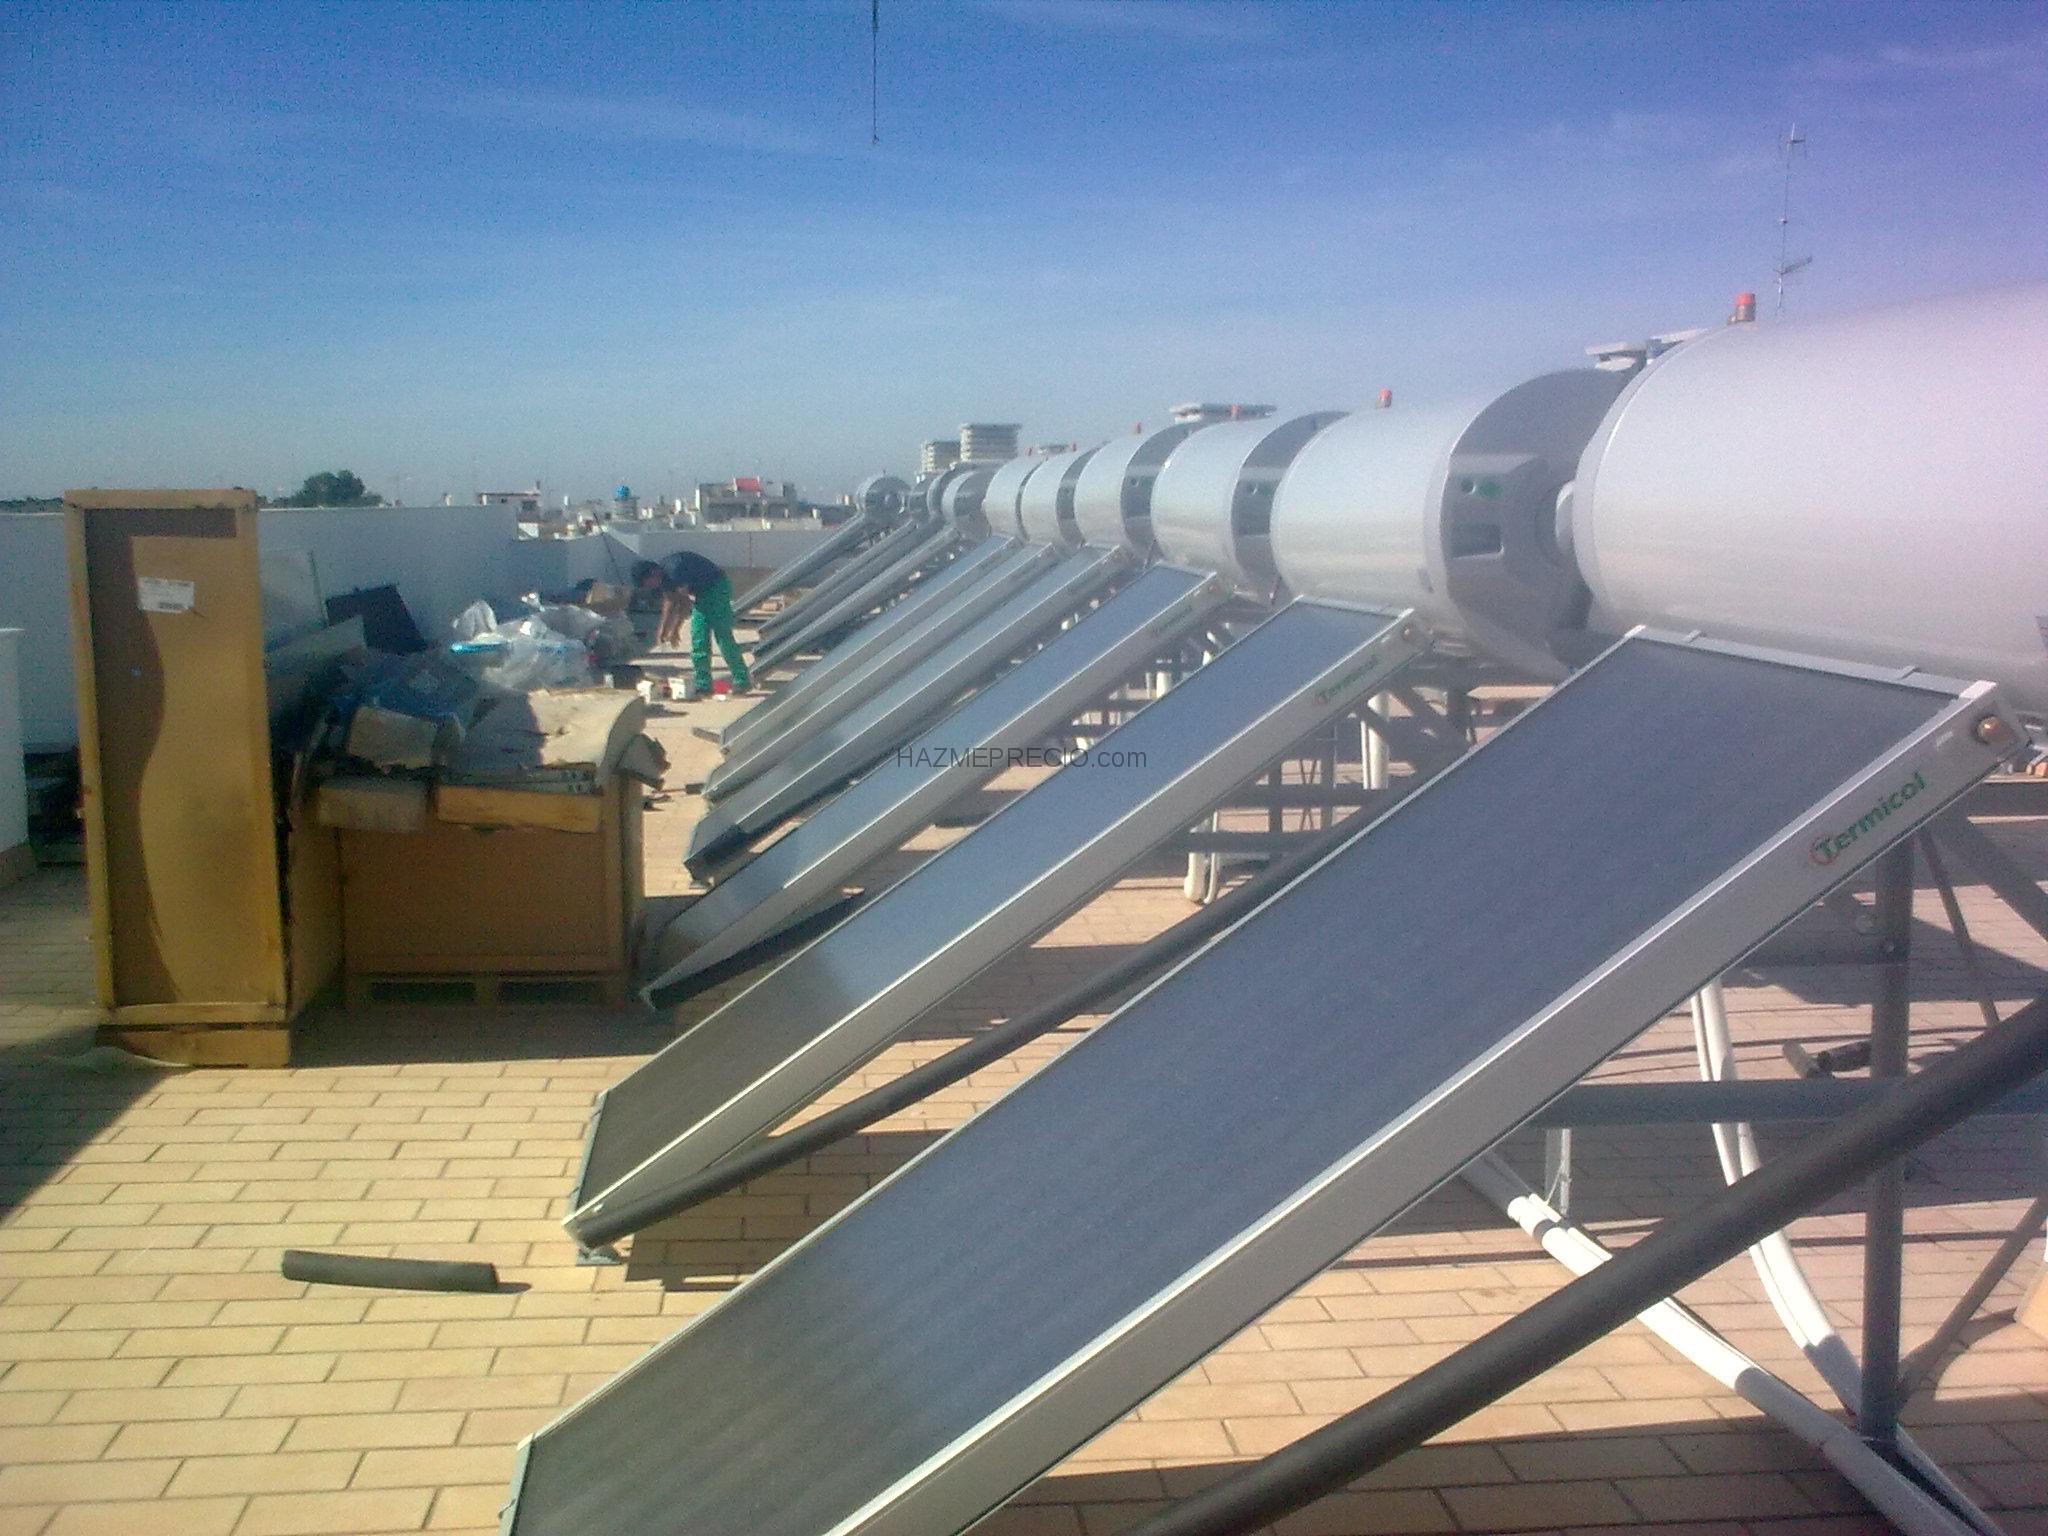 Empresas De Energia Solar En Sevilla Hazmeprecio Com